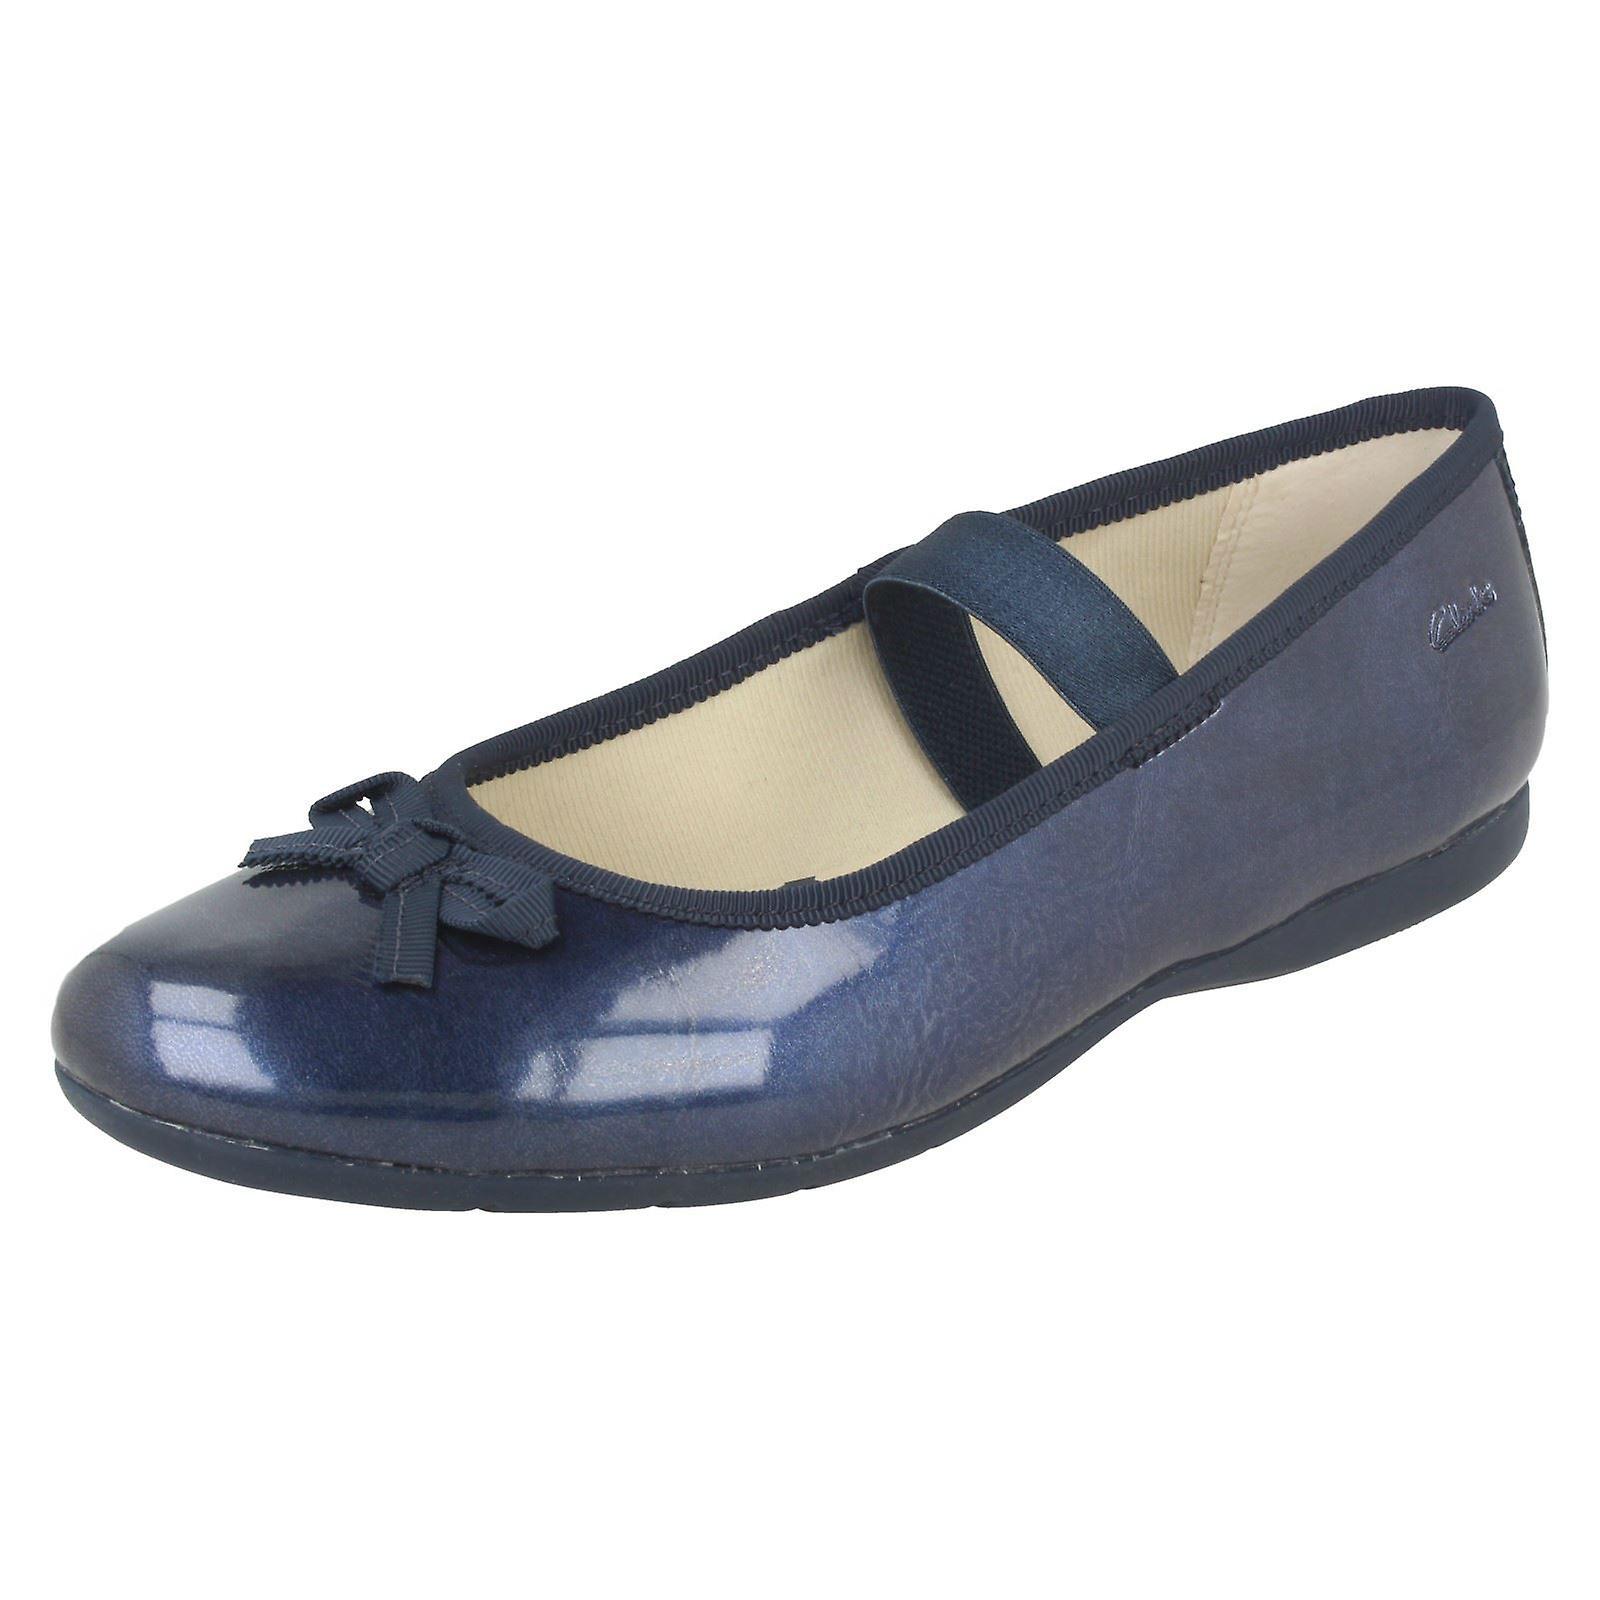 95a28bf902e5 Mädchen Clarks Anlass tragen Schuhe Glanz Tanz Glanz Schuhe 6d9e16 ...